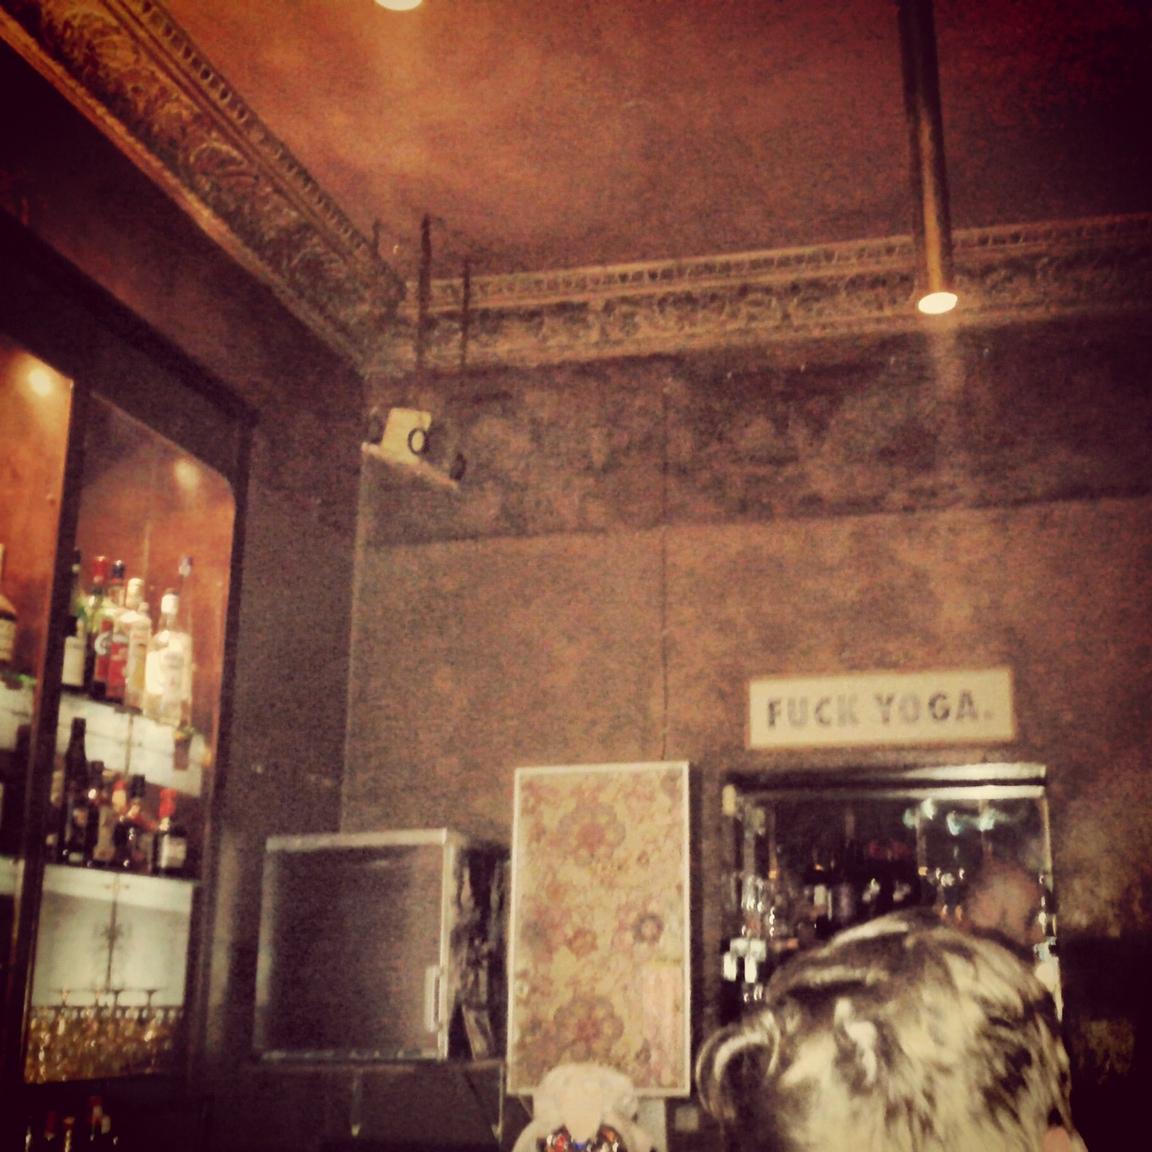 living room cafe abu dhabi turquoise wall decor kirk bar – berlin | likemybar